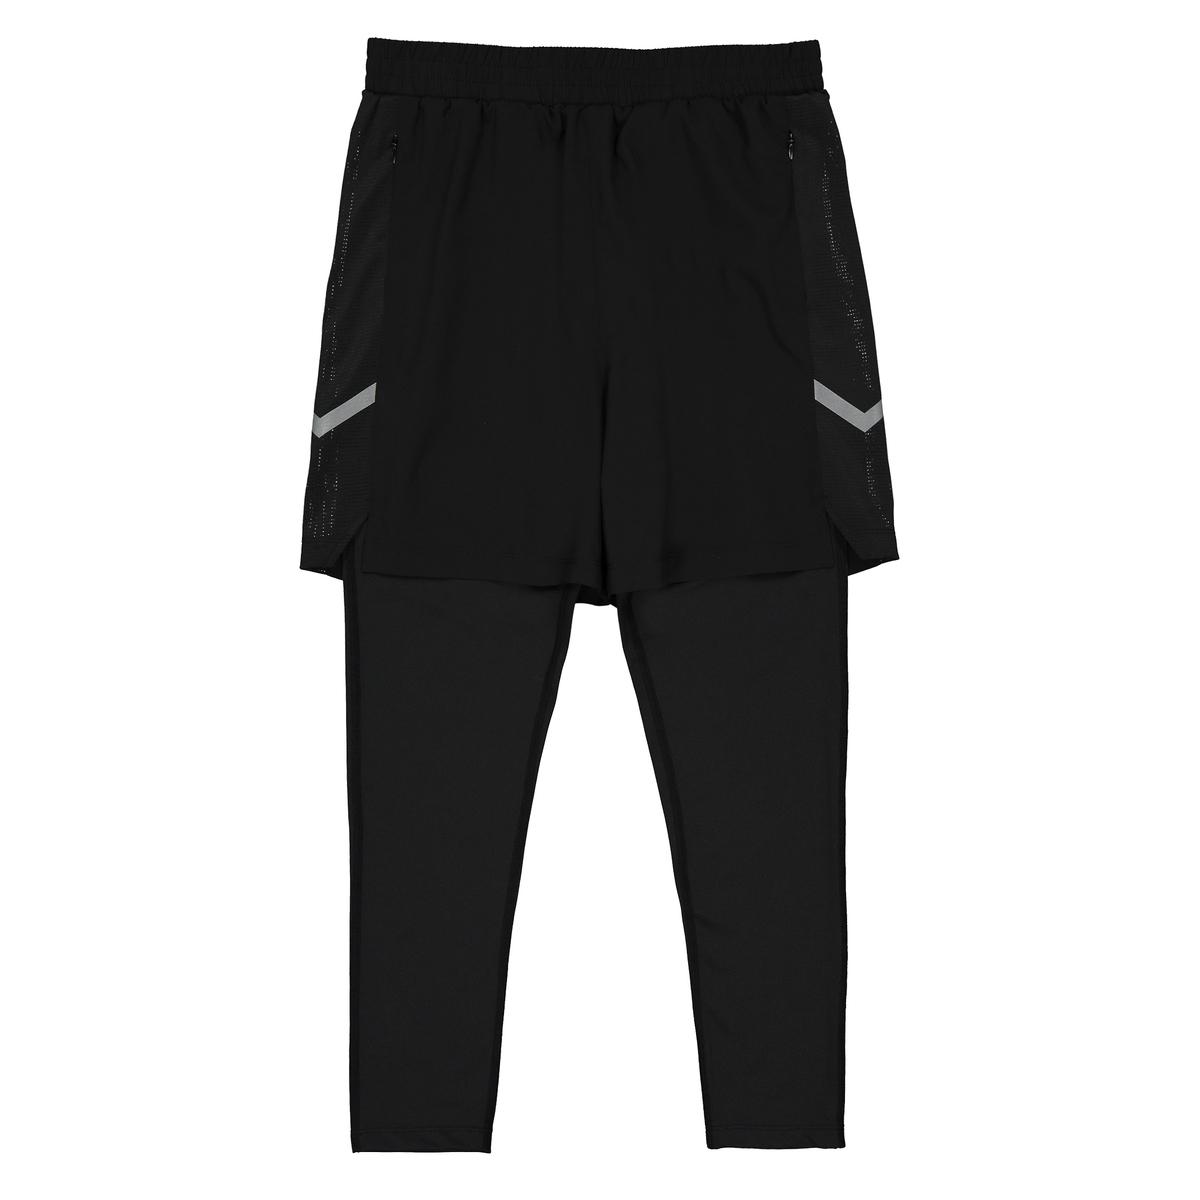 Комплект шорты + леггинсы спортивные, 10-16 лет